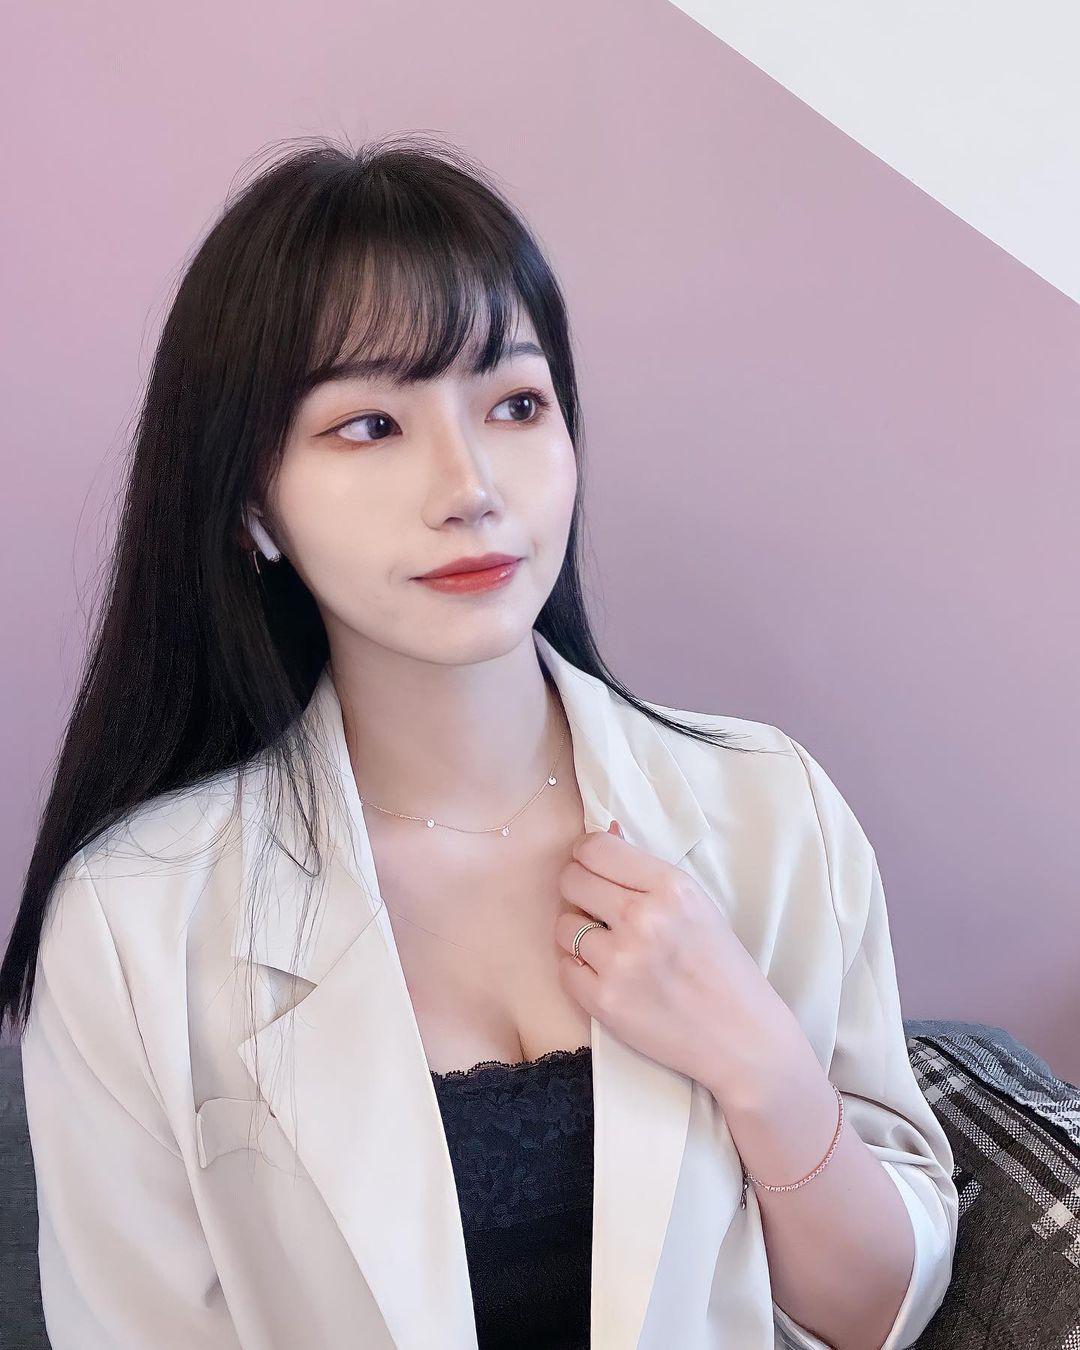 韩系美妆正妹「子馨」脸蛋清秀甜美,身材宛如变魔术!-喵喵女